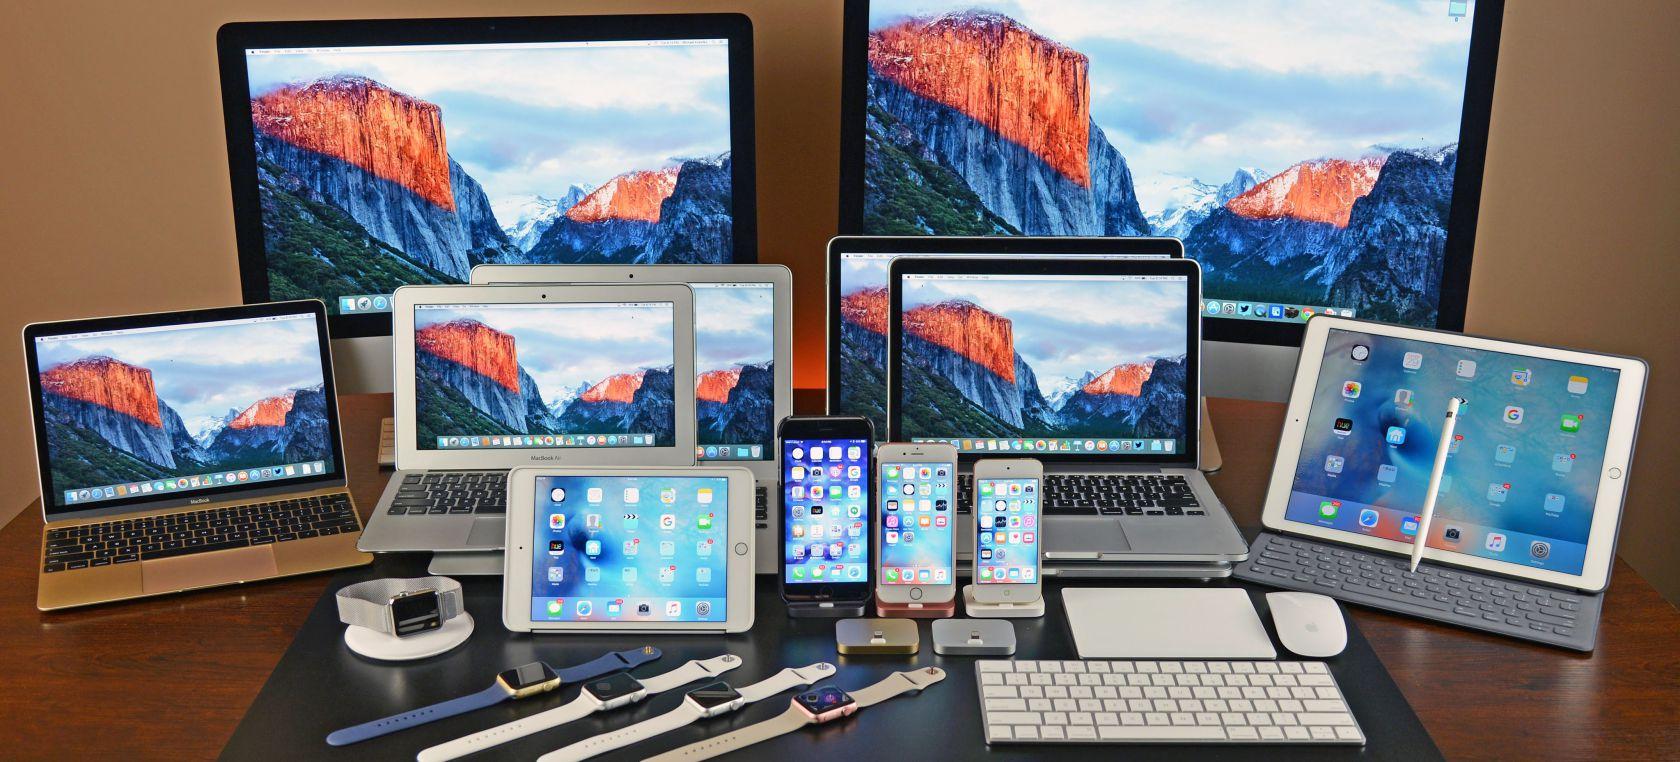 La tecnología de Apple ya no impresiona